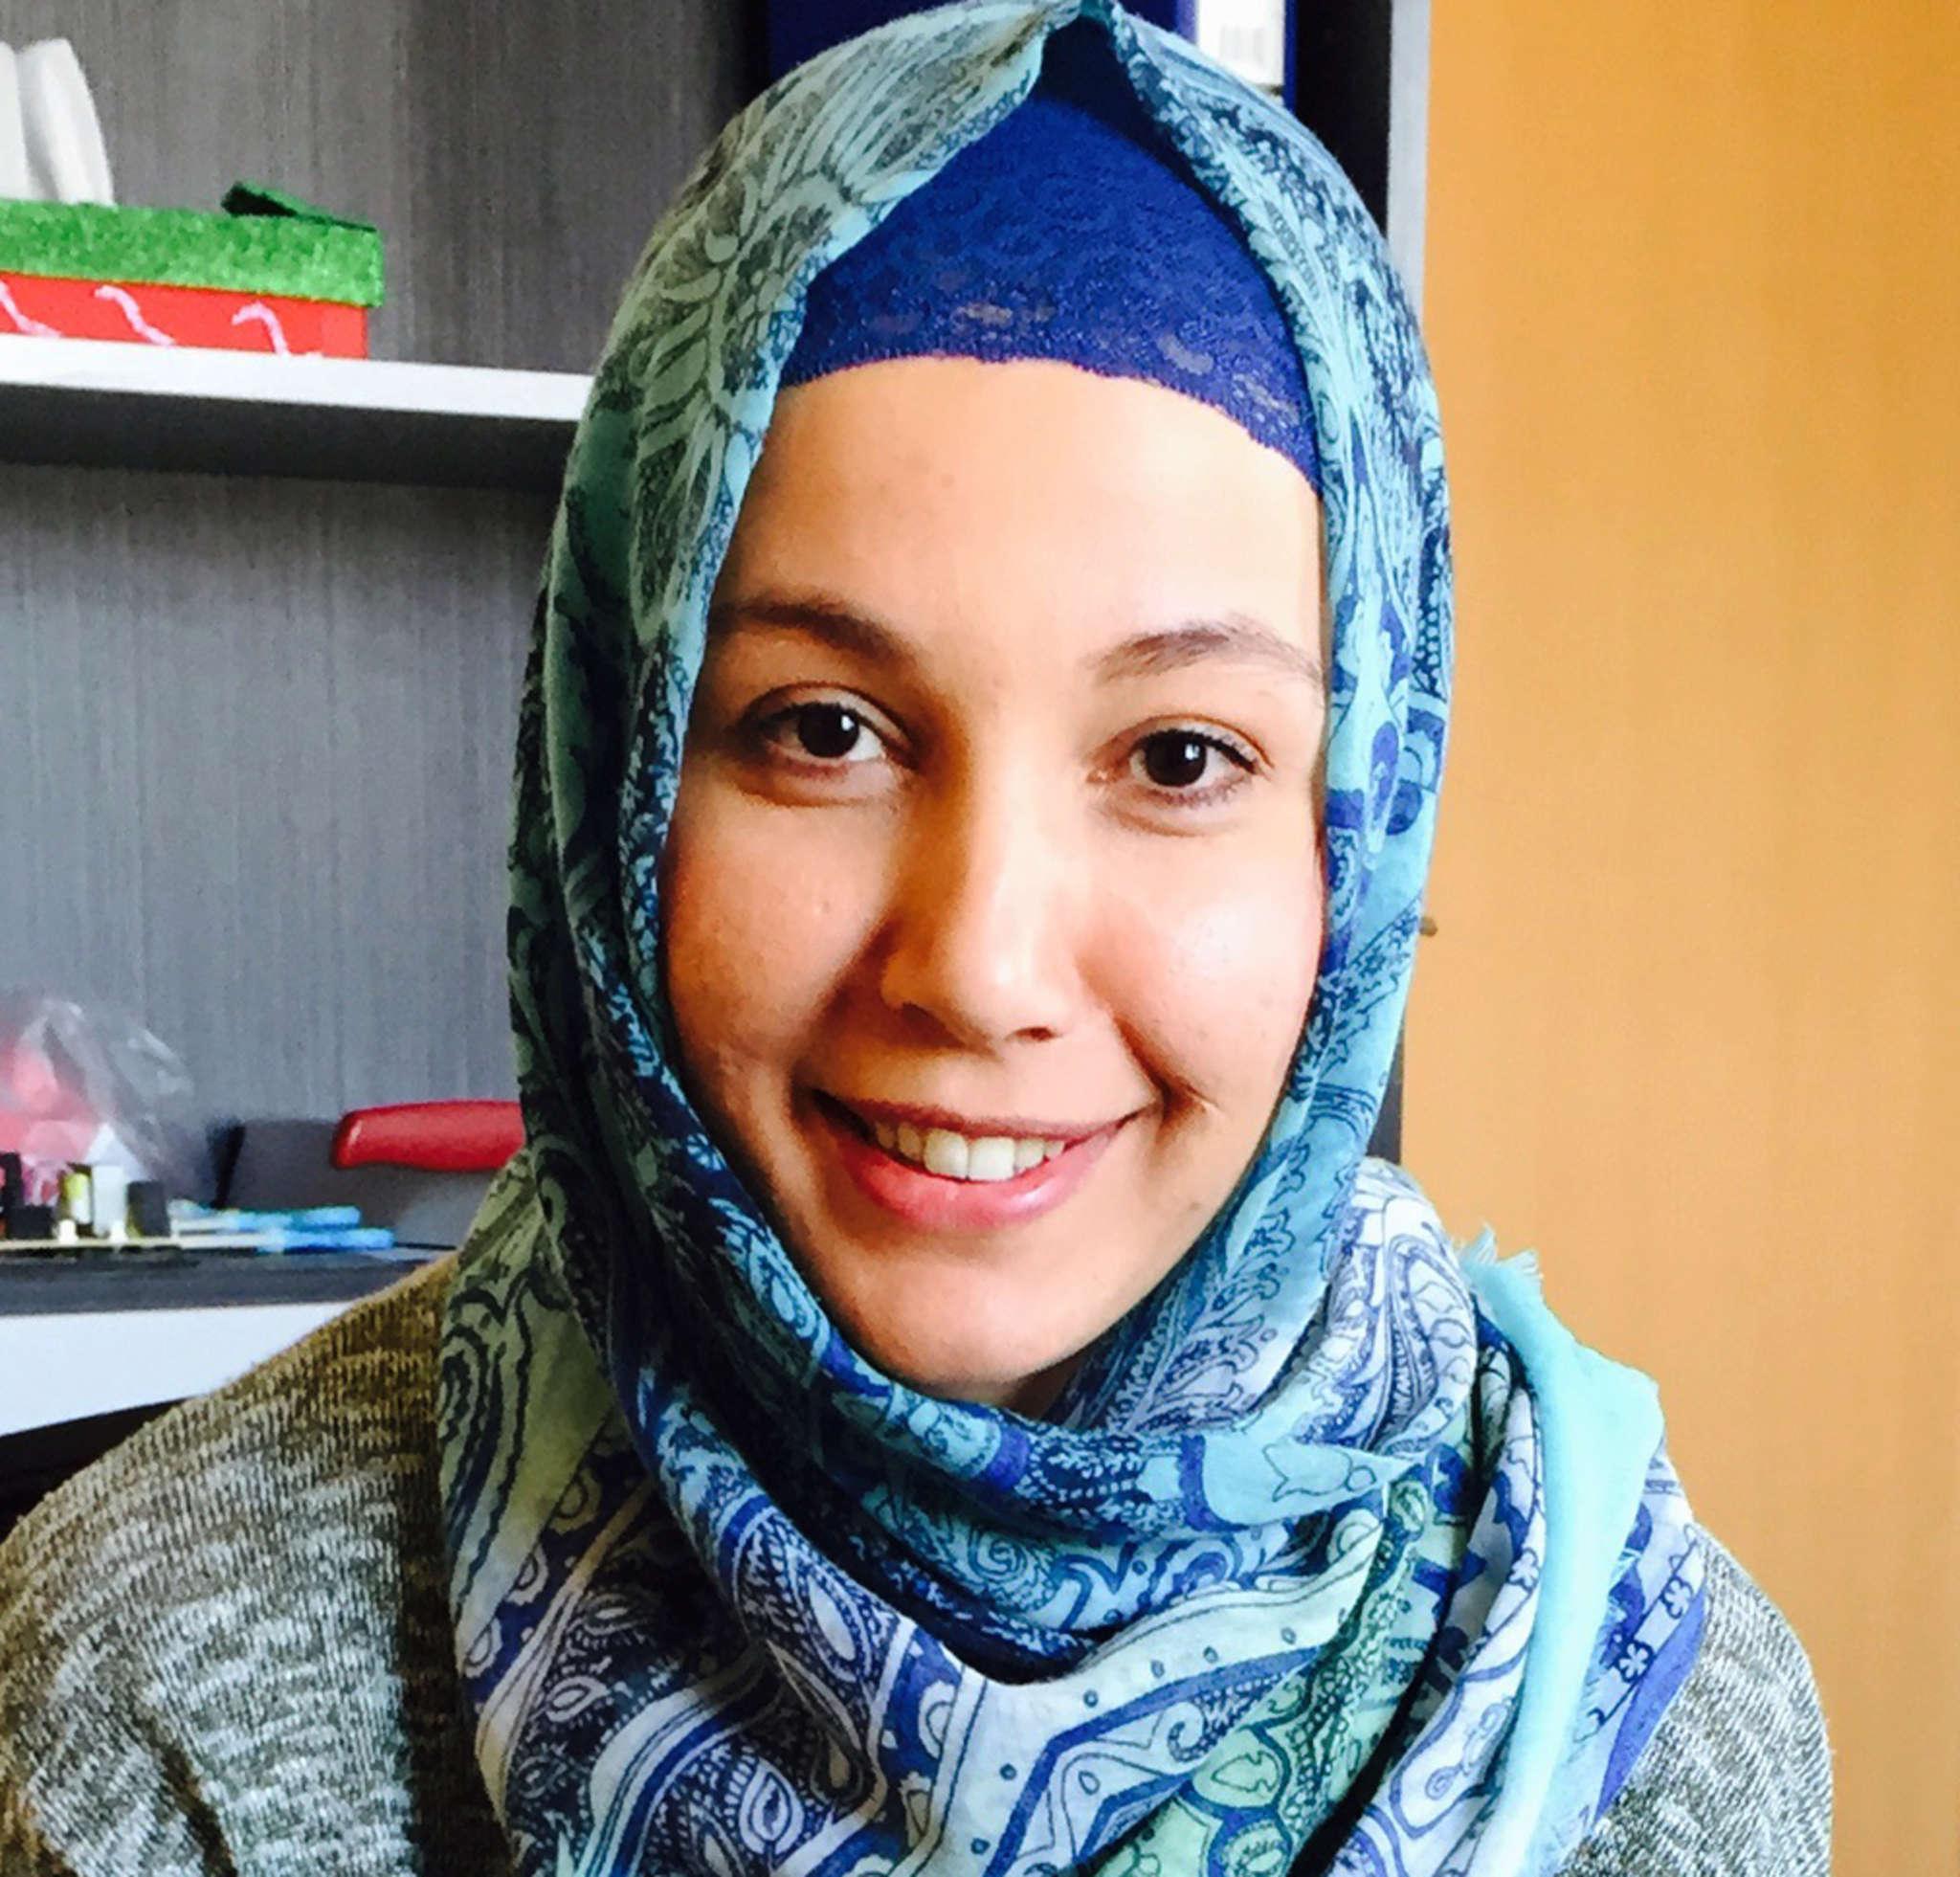 Rezhna Mohammed